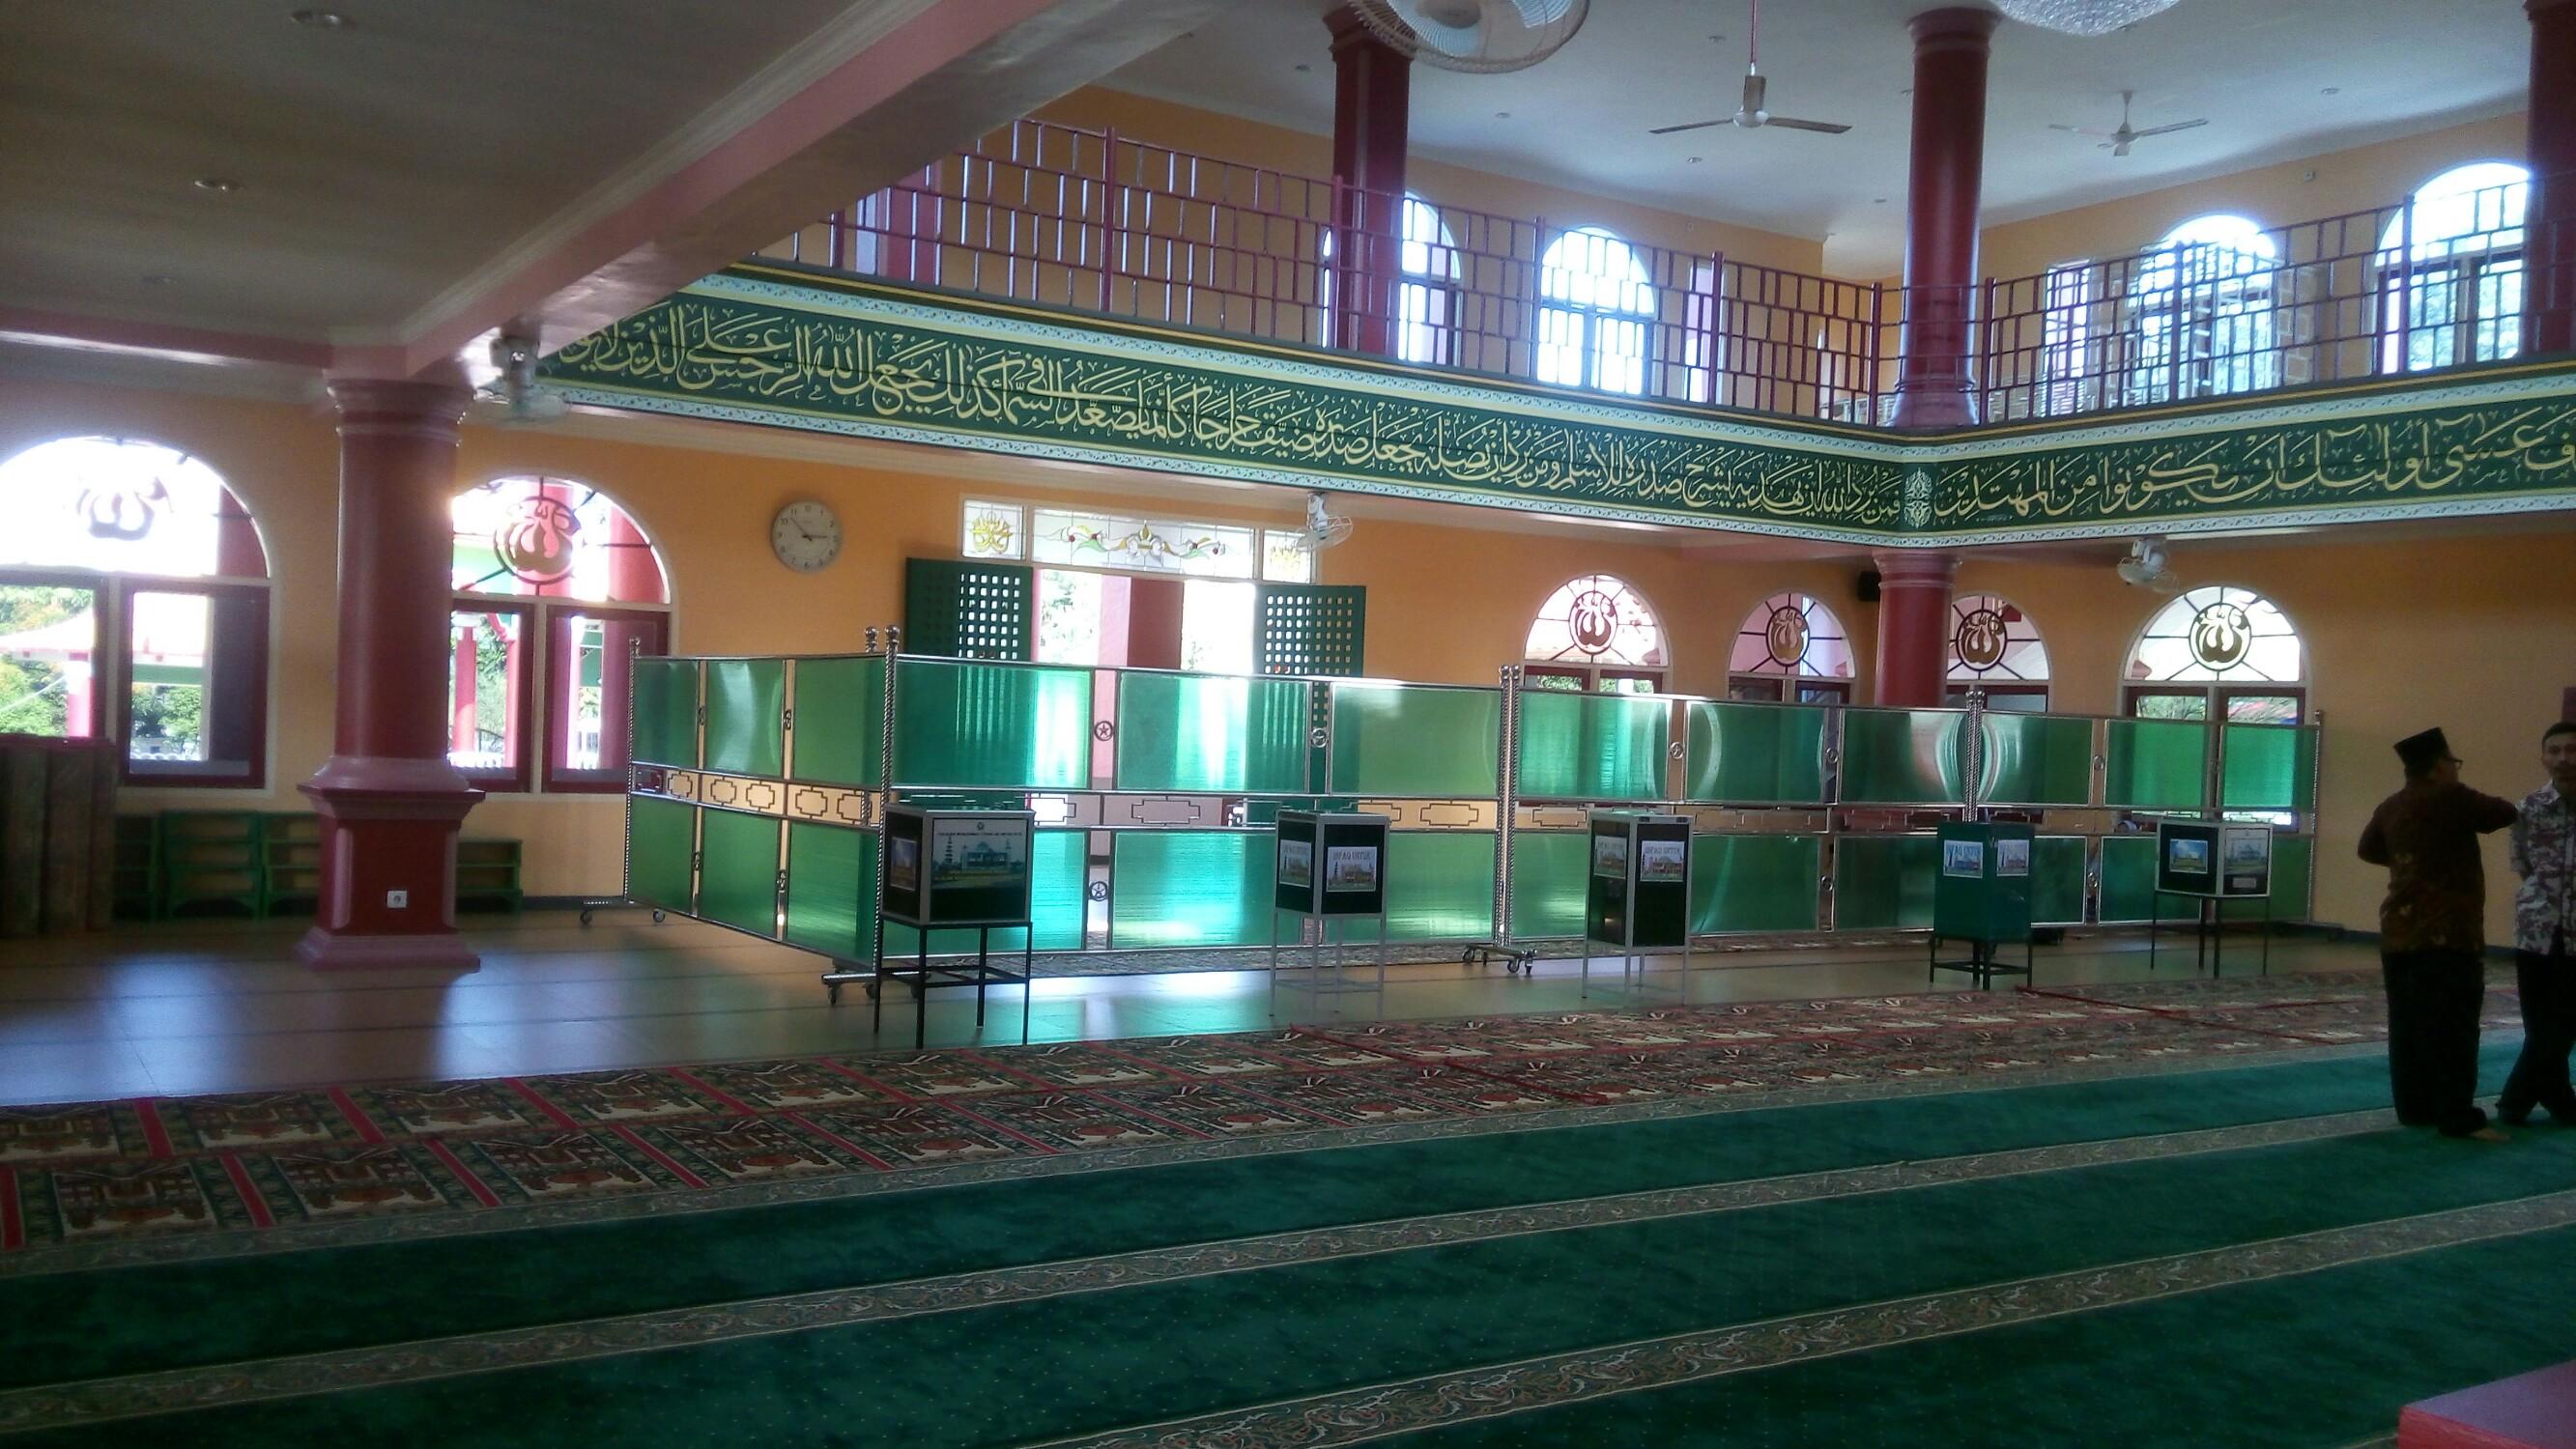 Sistem Informasi Masjid Indonesia Profil Mushalla Al Islam Muhammad Cheng